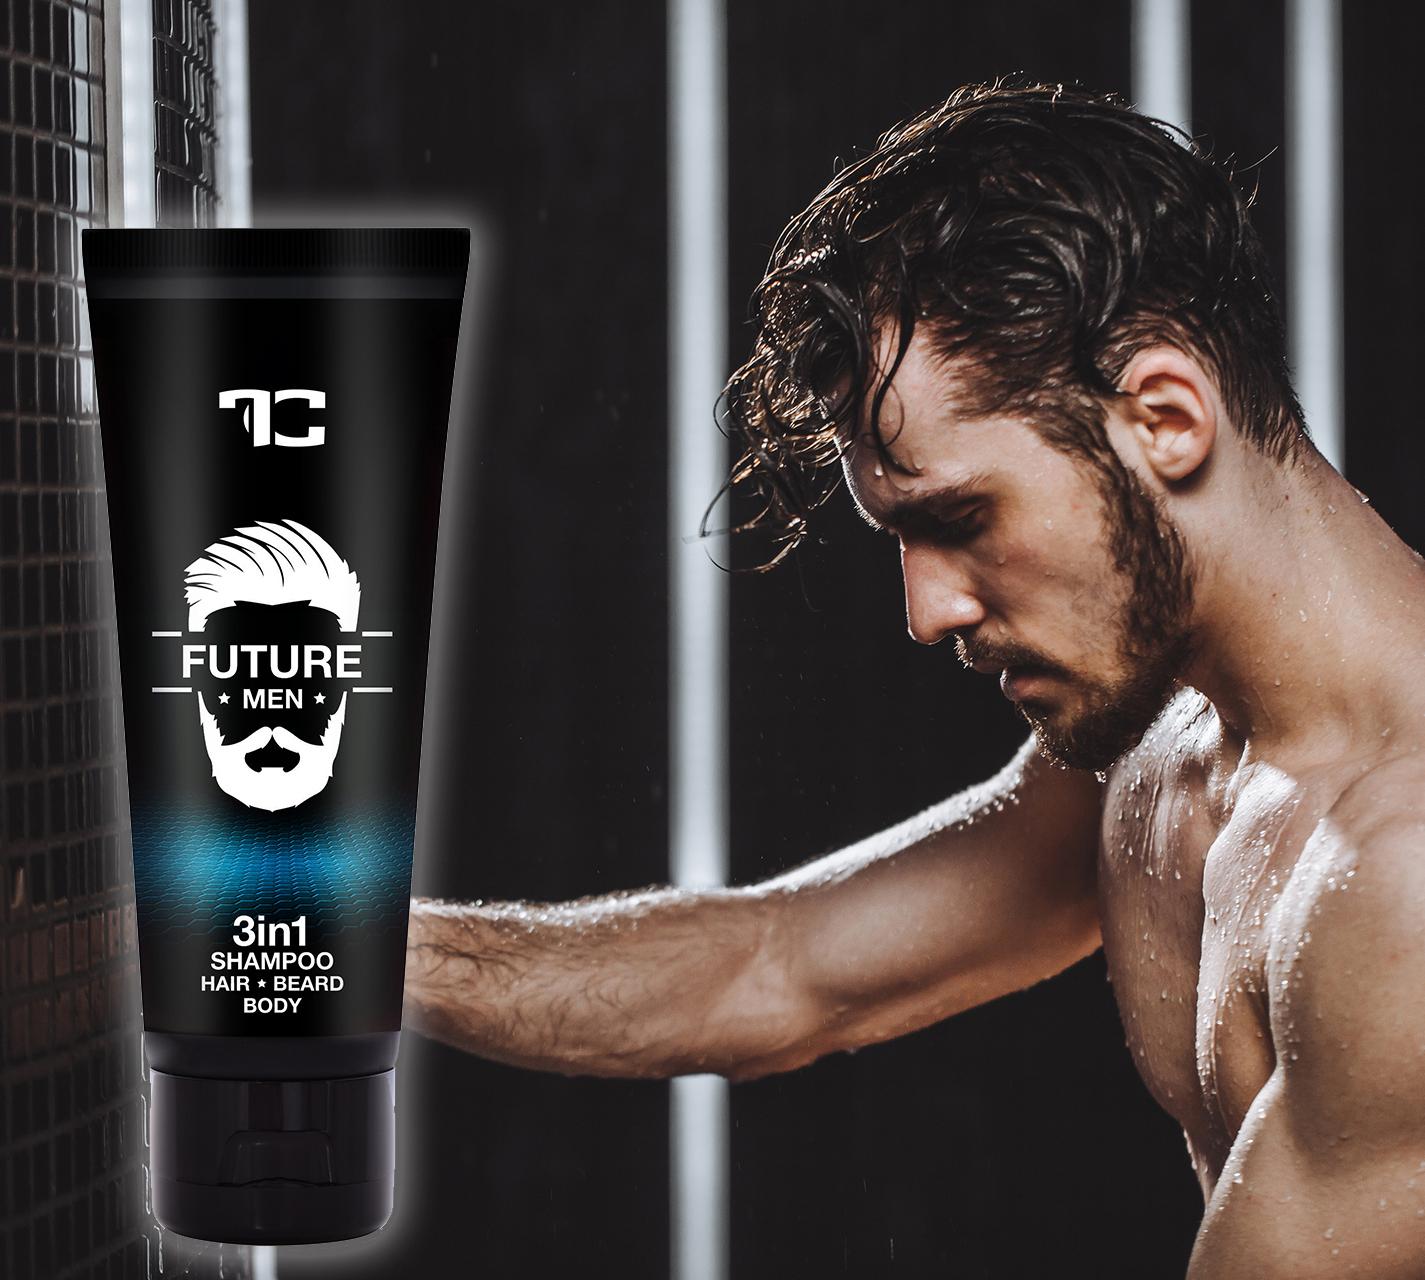 3v1 šampon pro muže na vlasy, tělo a vousy FUTURE MEN® PLATINUM